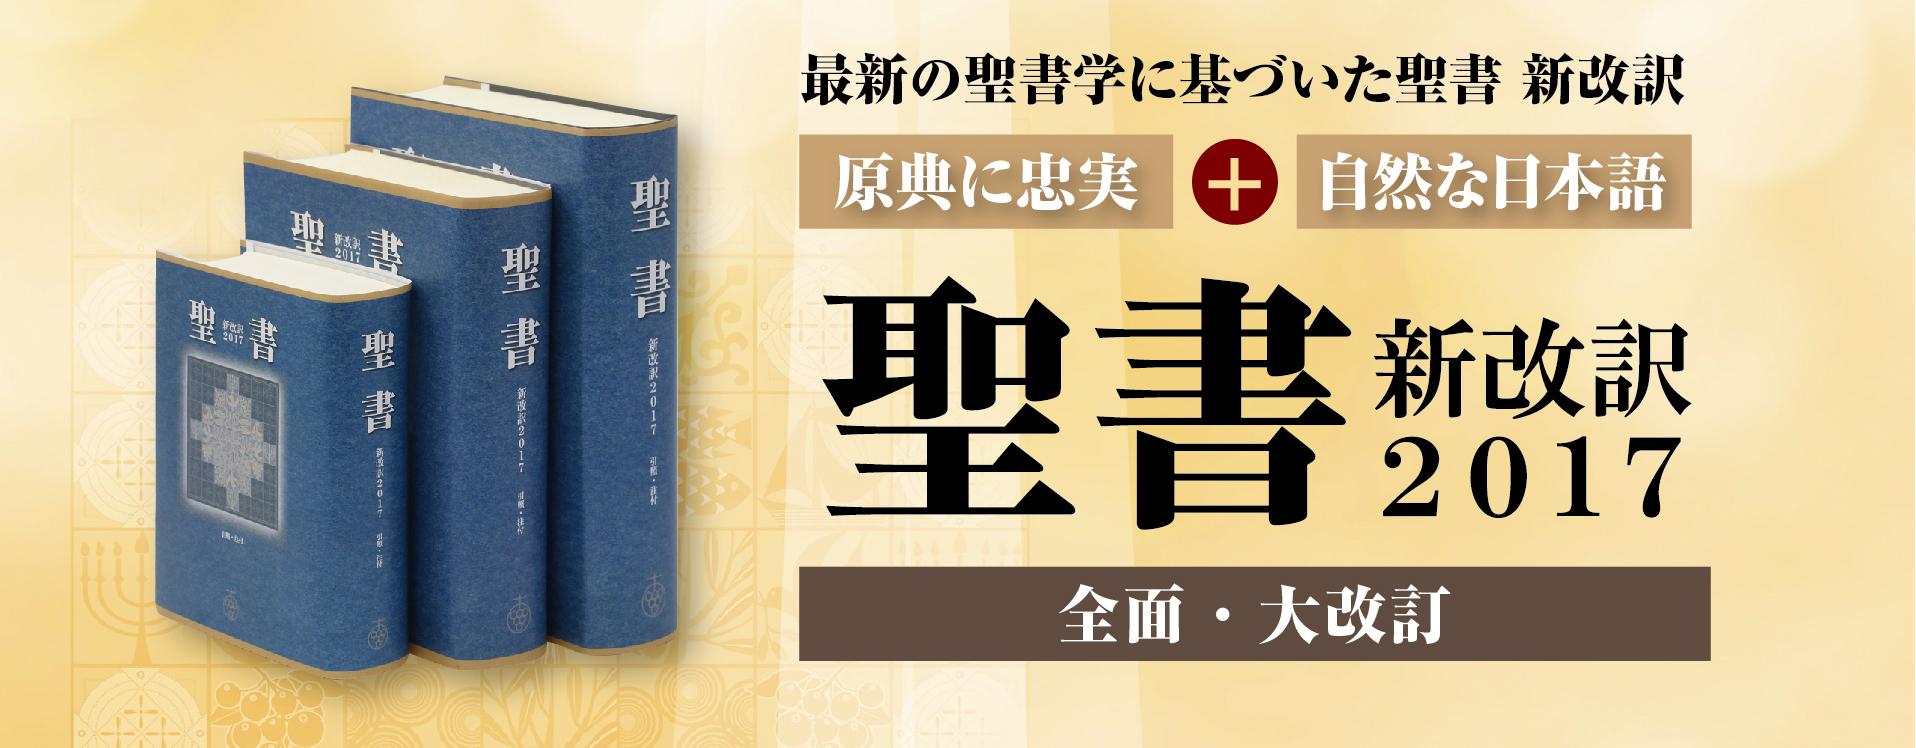 秋の新書籍&新商品発売フェア